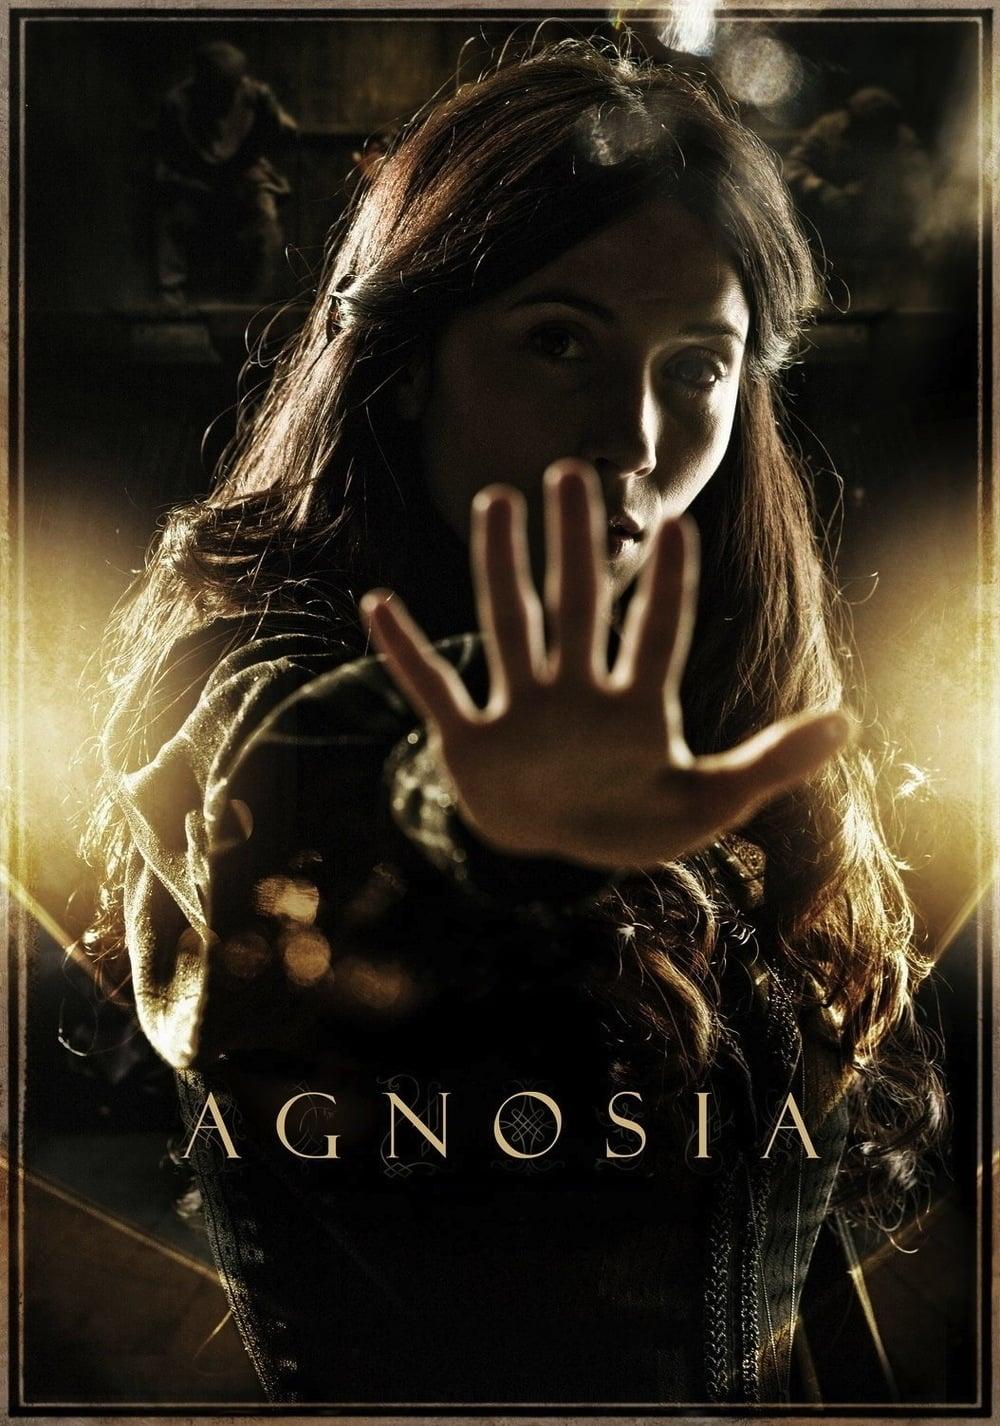 აგნოზია / Agnosia